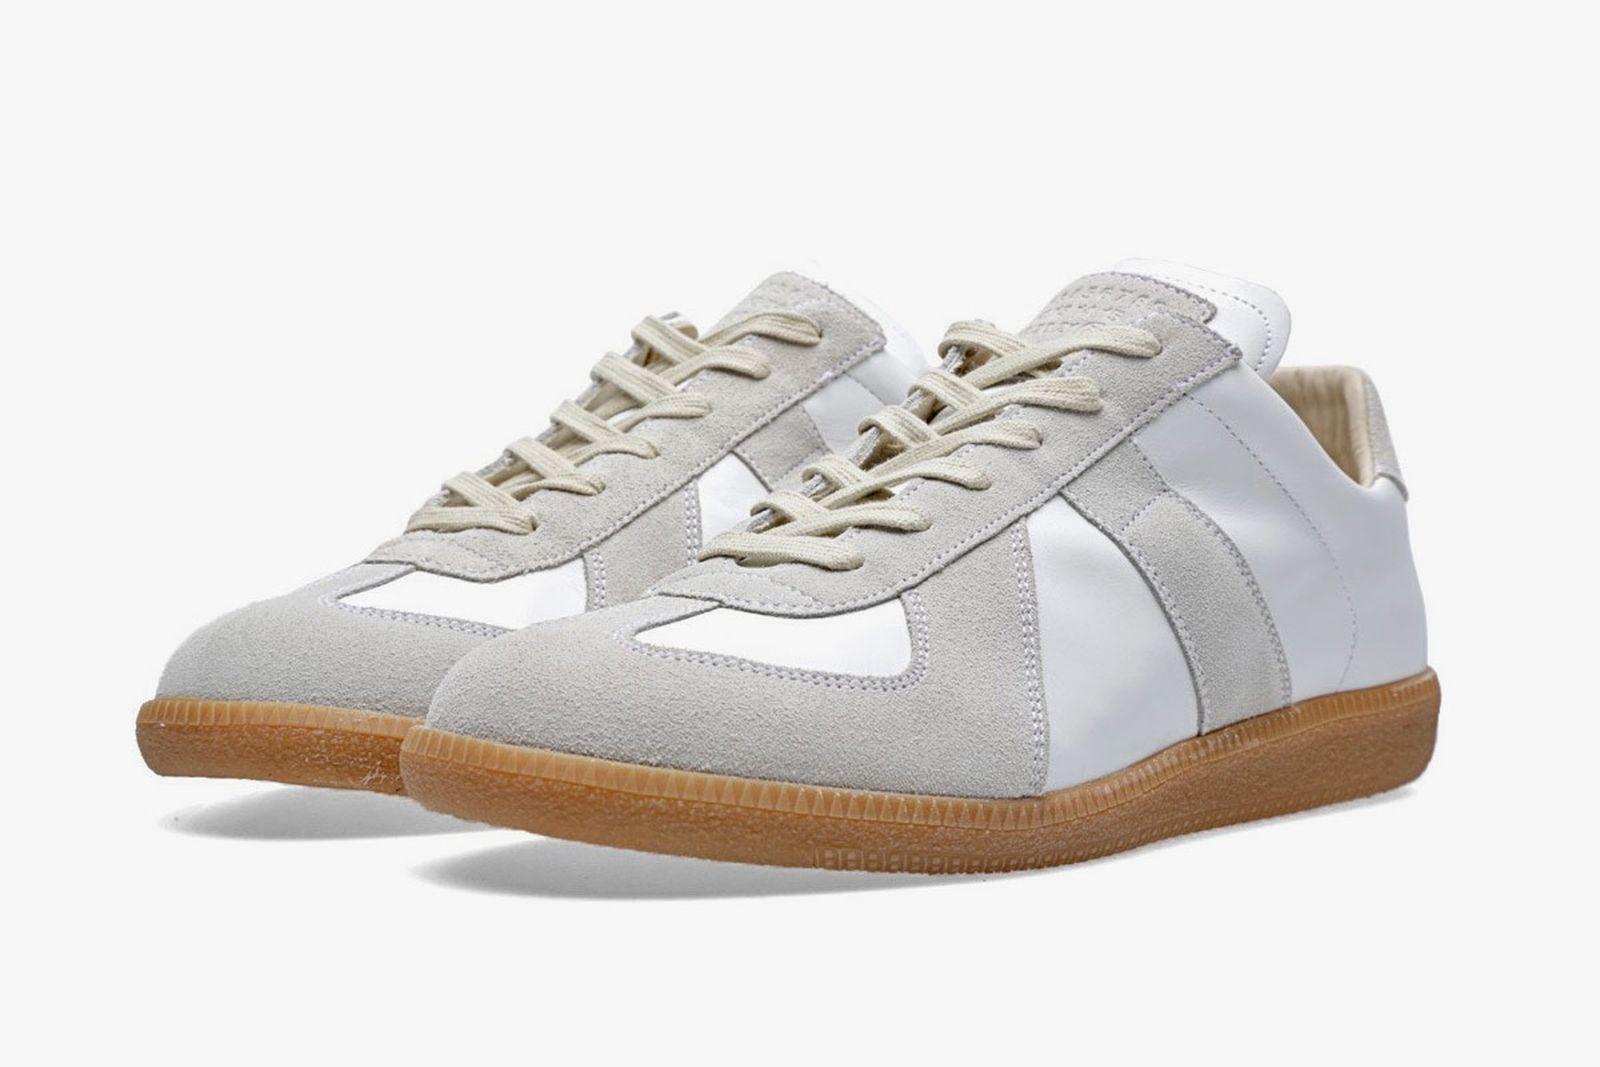 sneaker industry copying main Nike reebok skechers